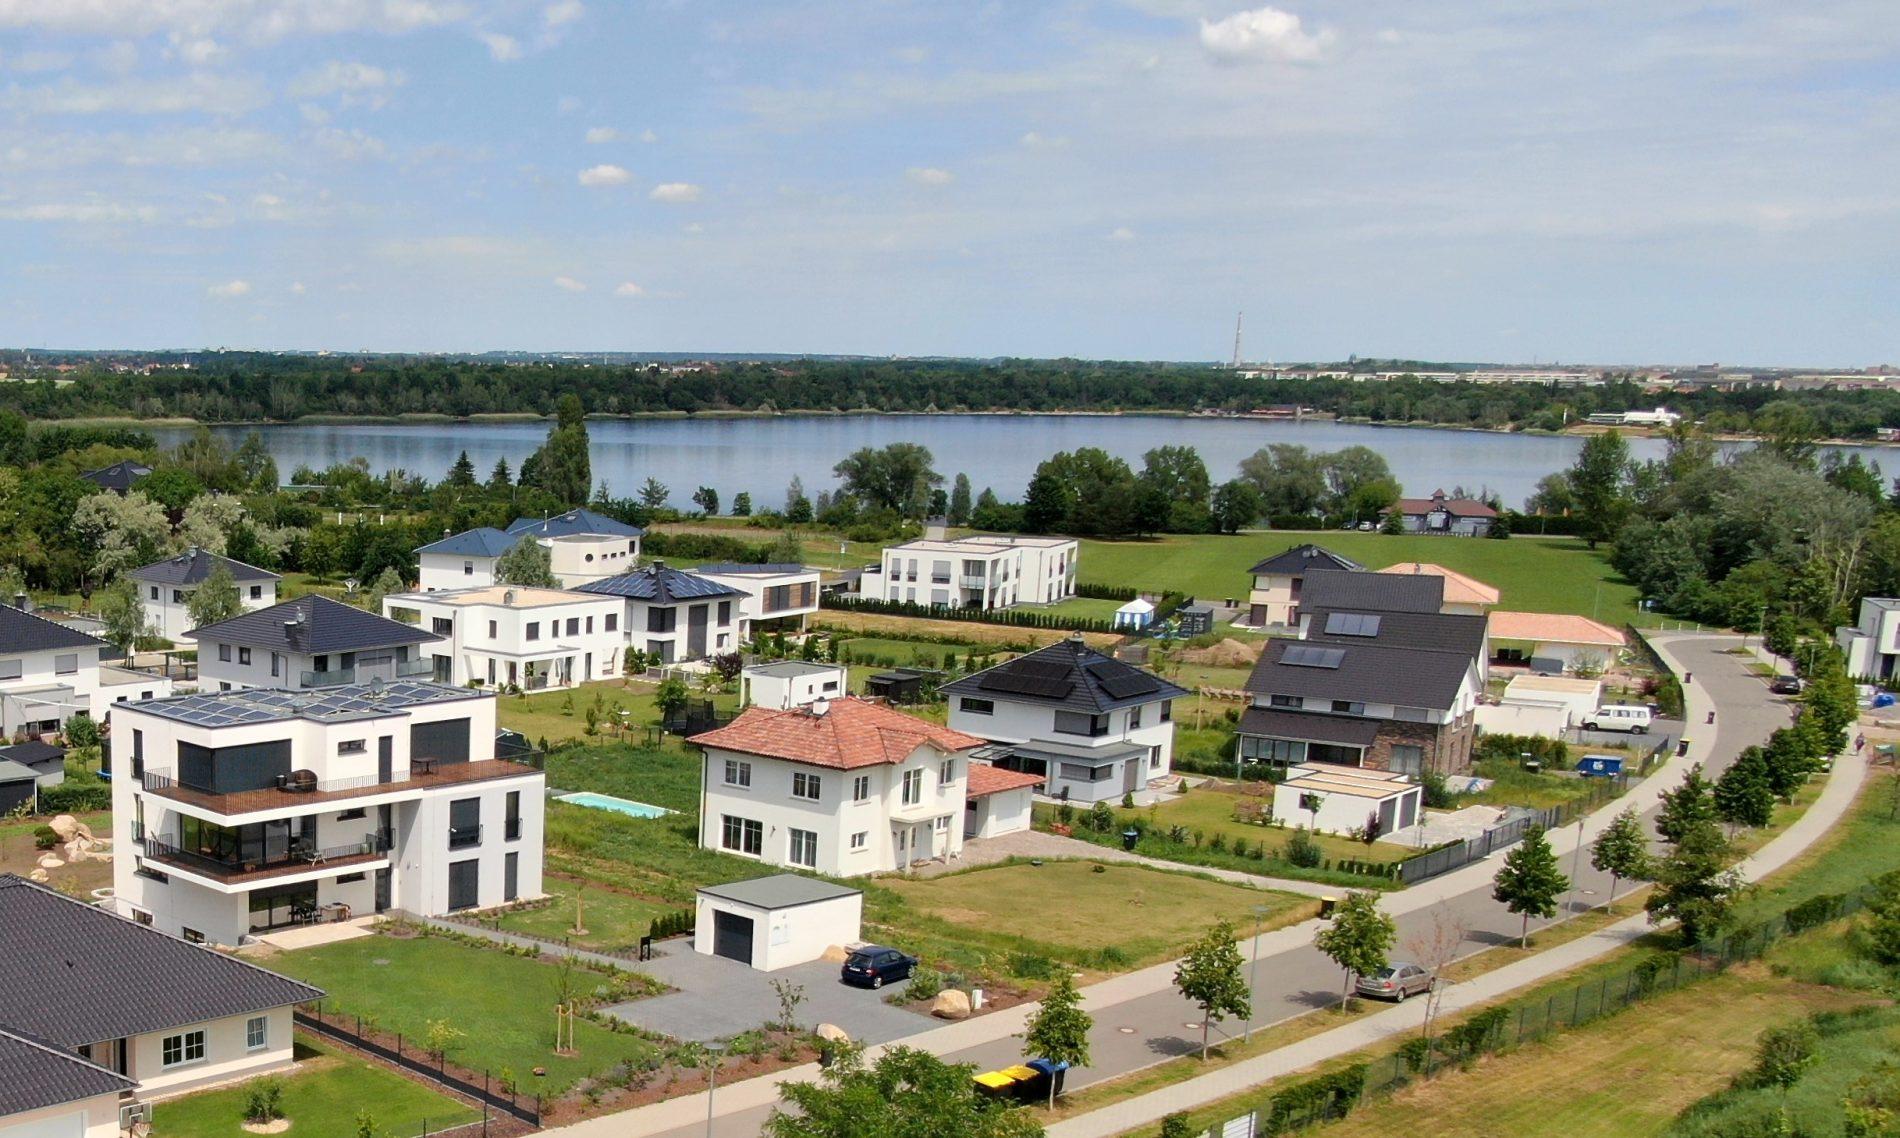 Luftaufnahme Westufer Kulkwitzer See mit Wohn-und Geschäftshaus Human Unfoldment